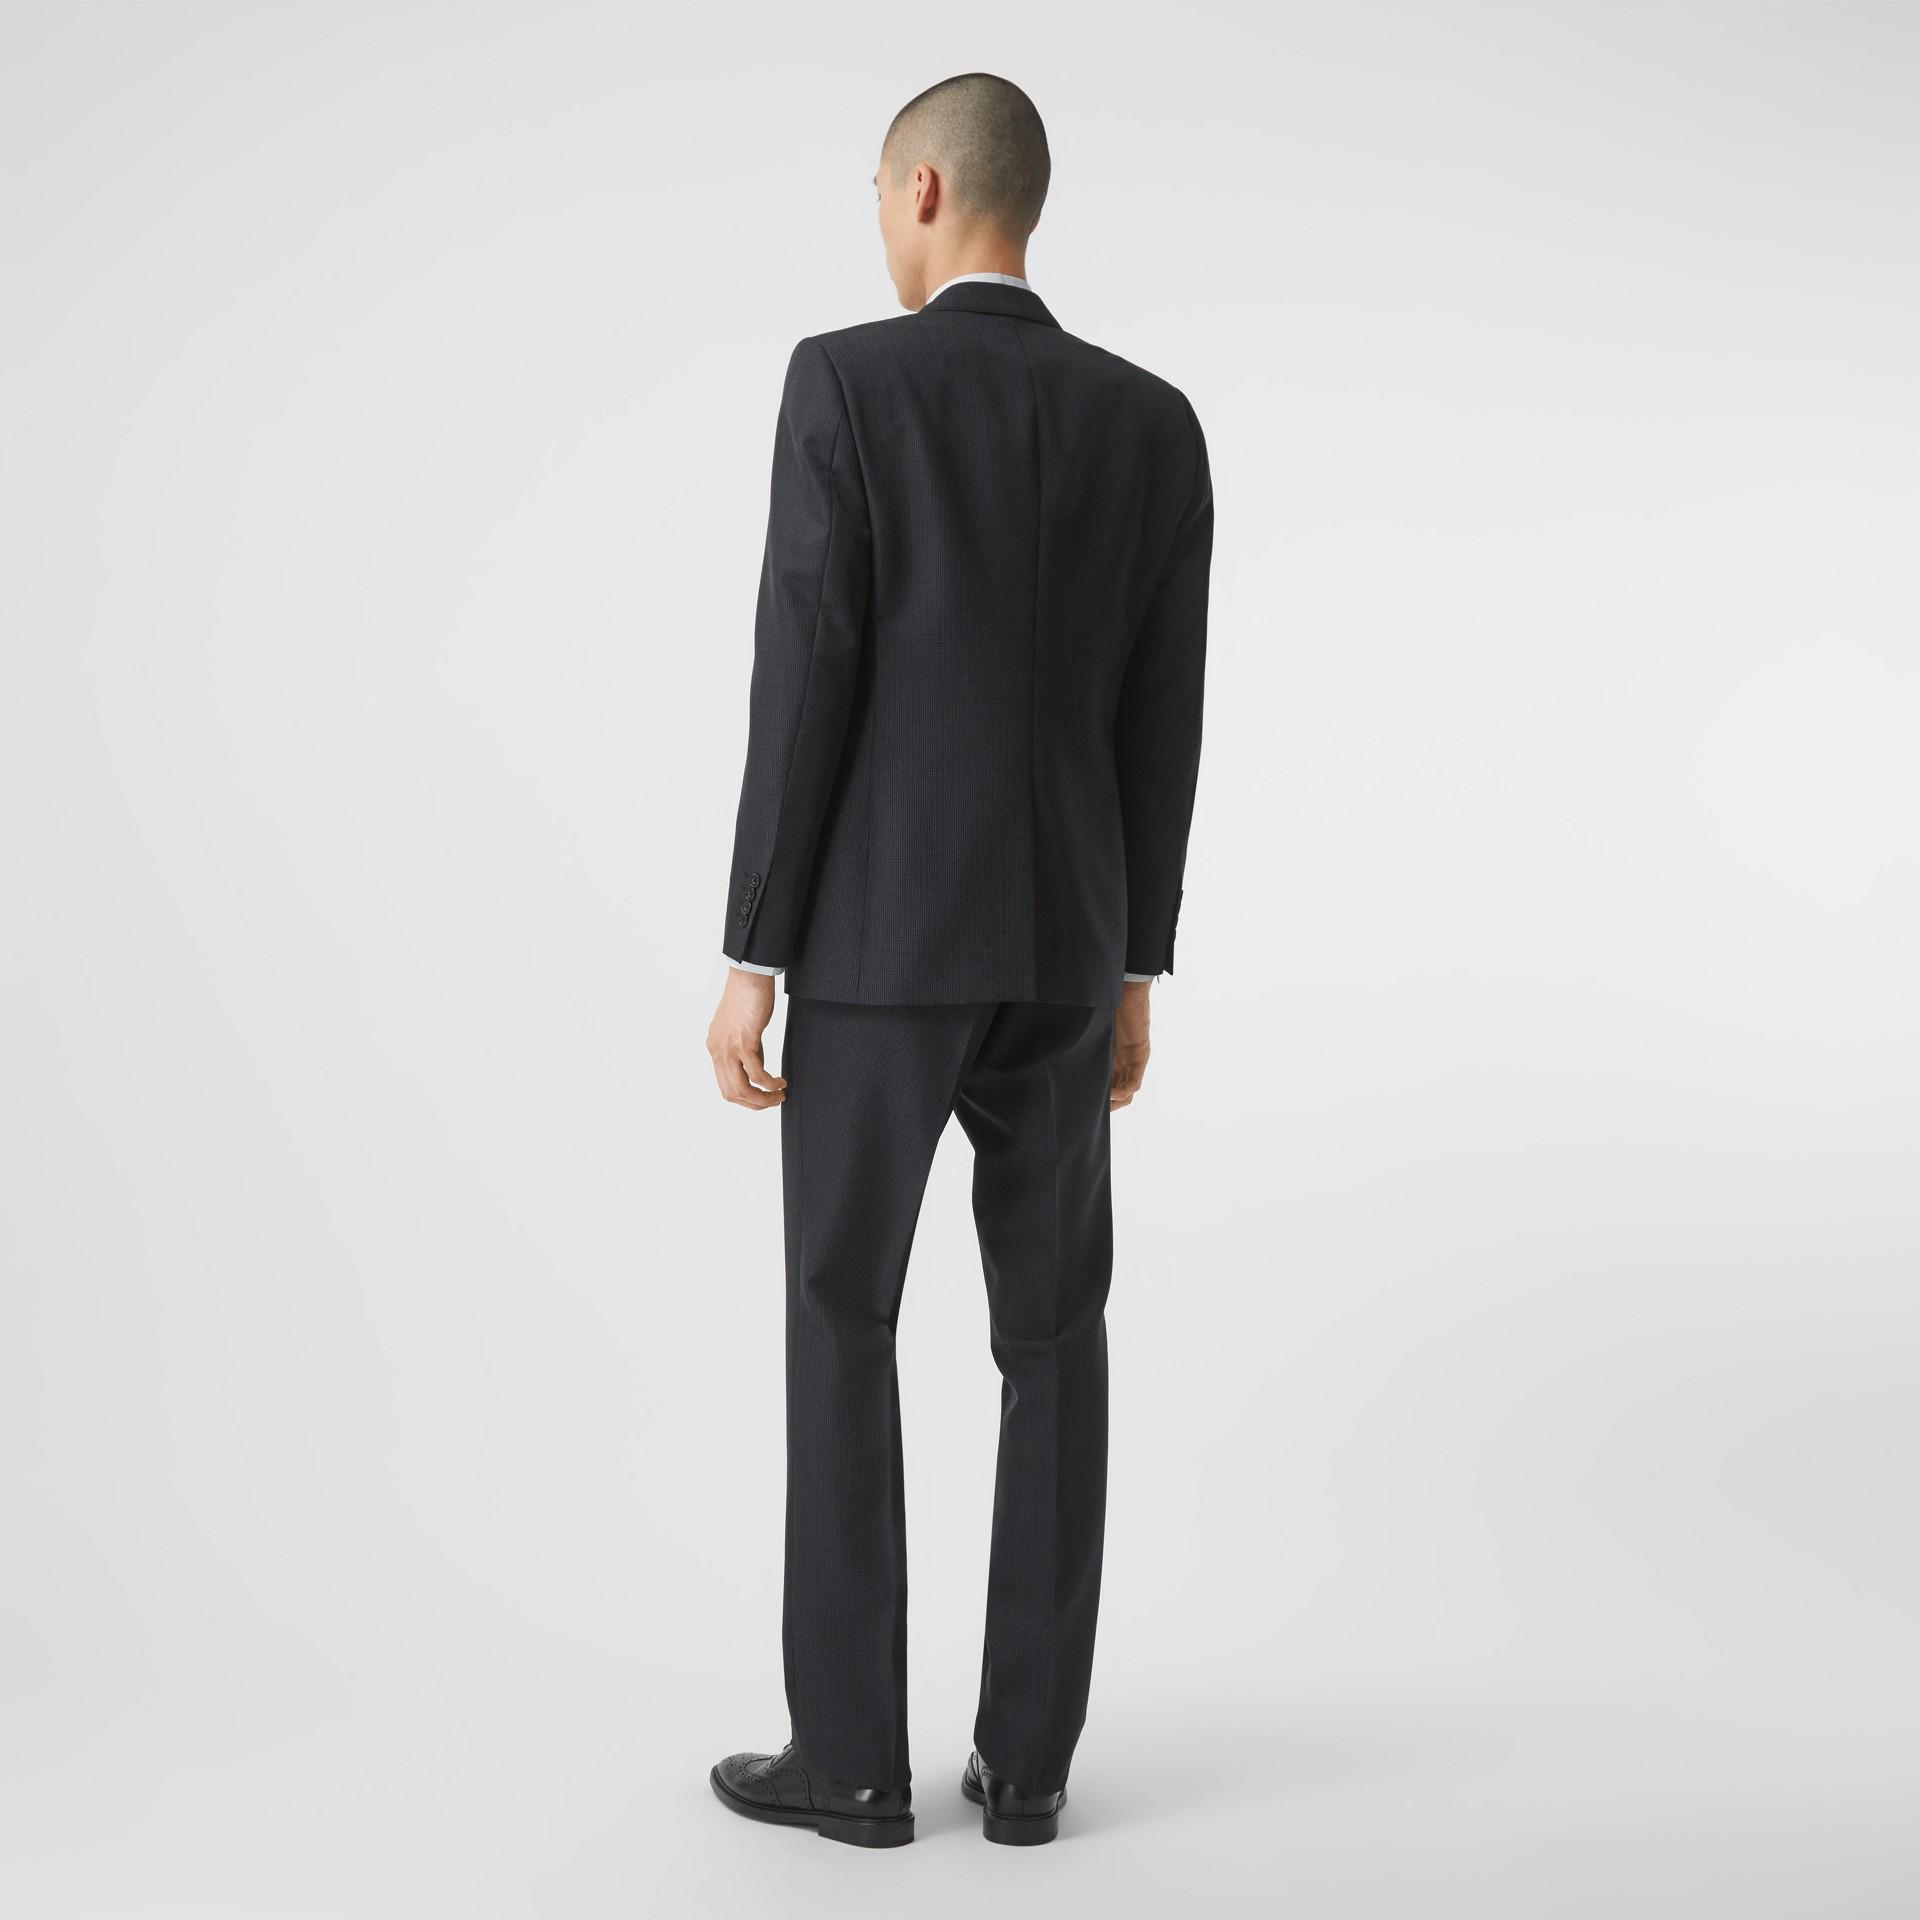 クラシックフィット パピートゥースチェック ウールモヘア スーツ (ネイビー) - メンズ | バーバリー - ギャラリーイメージ 2